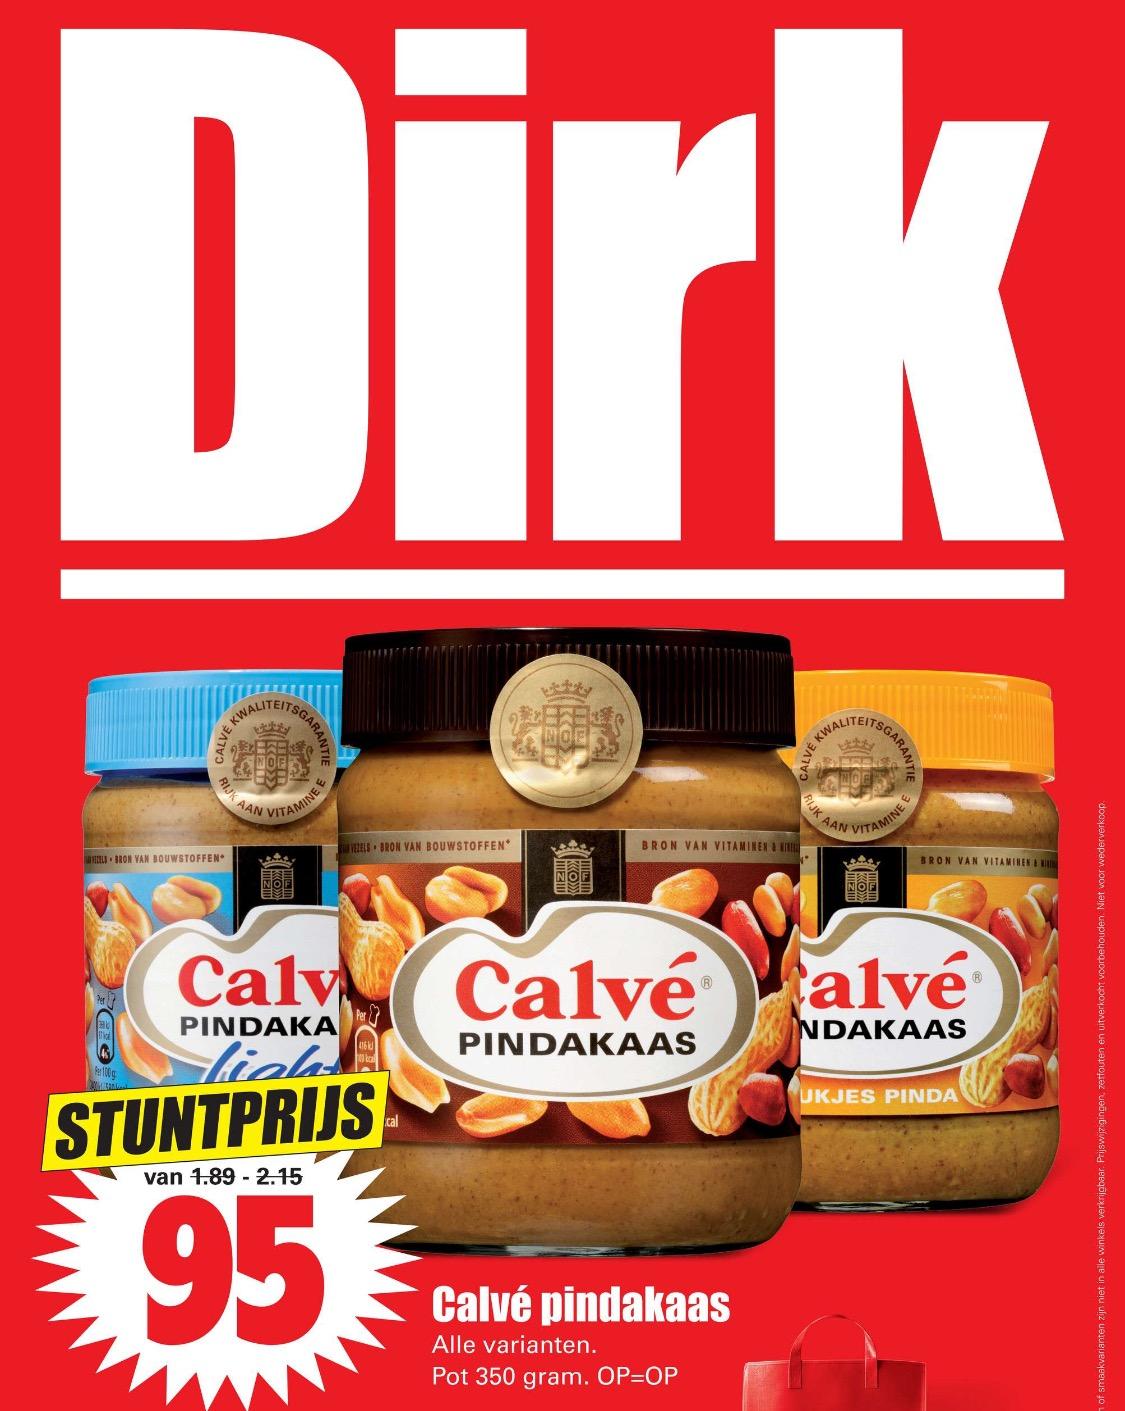 Calvé pindakaas deze week bij de Dirk